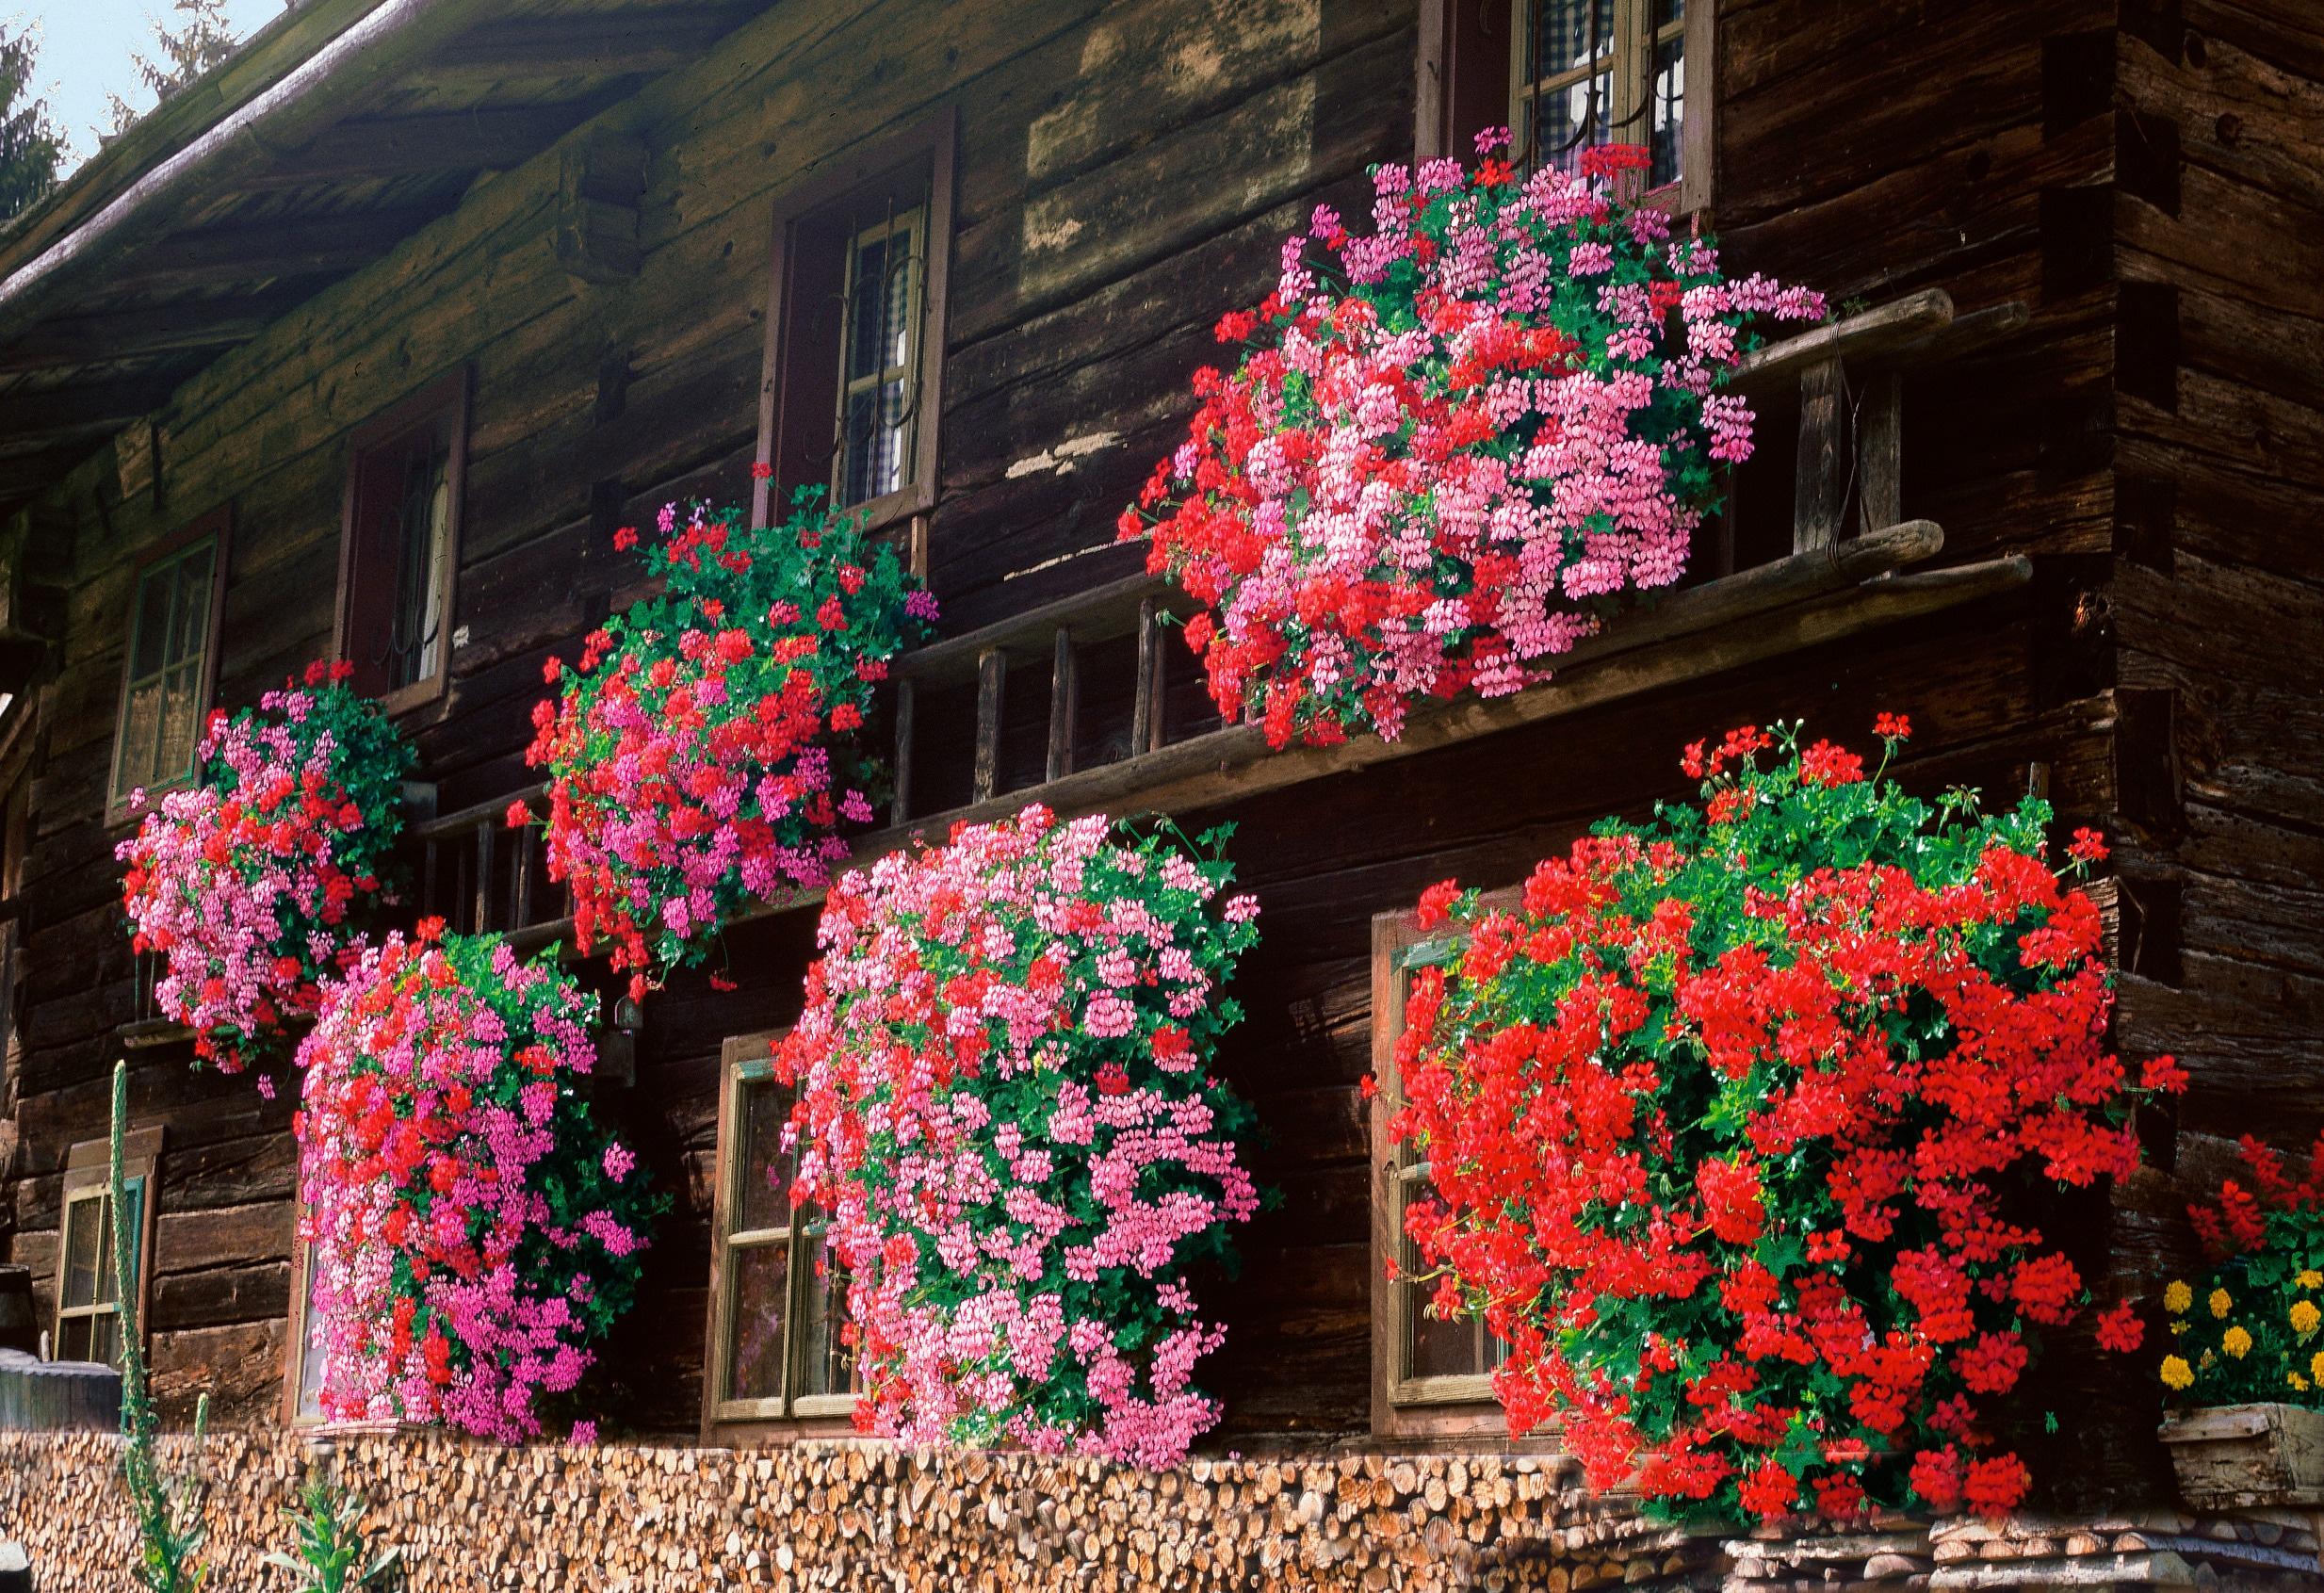 BCM Balkonpflanze Geranie hängend weiß Balkonpflanzen Pflanzen Garten Balkon